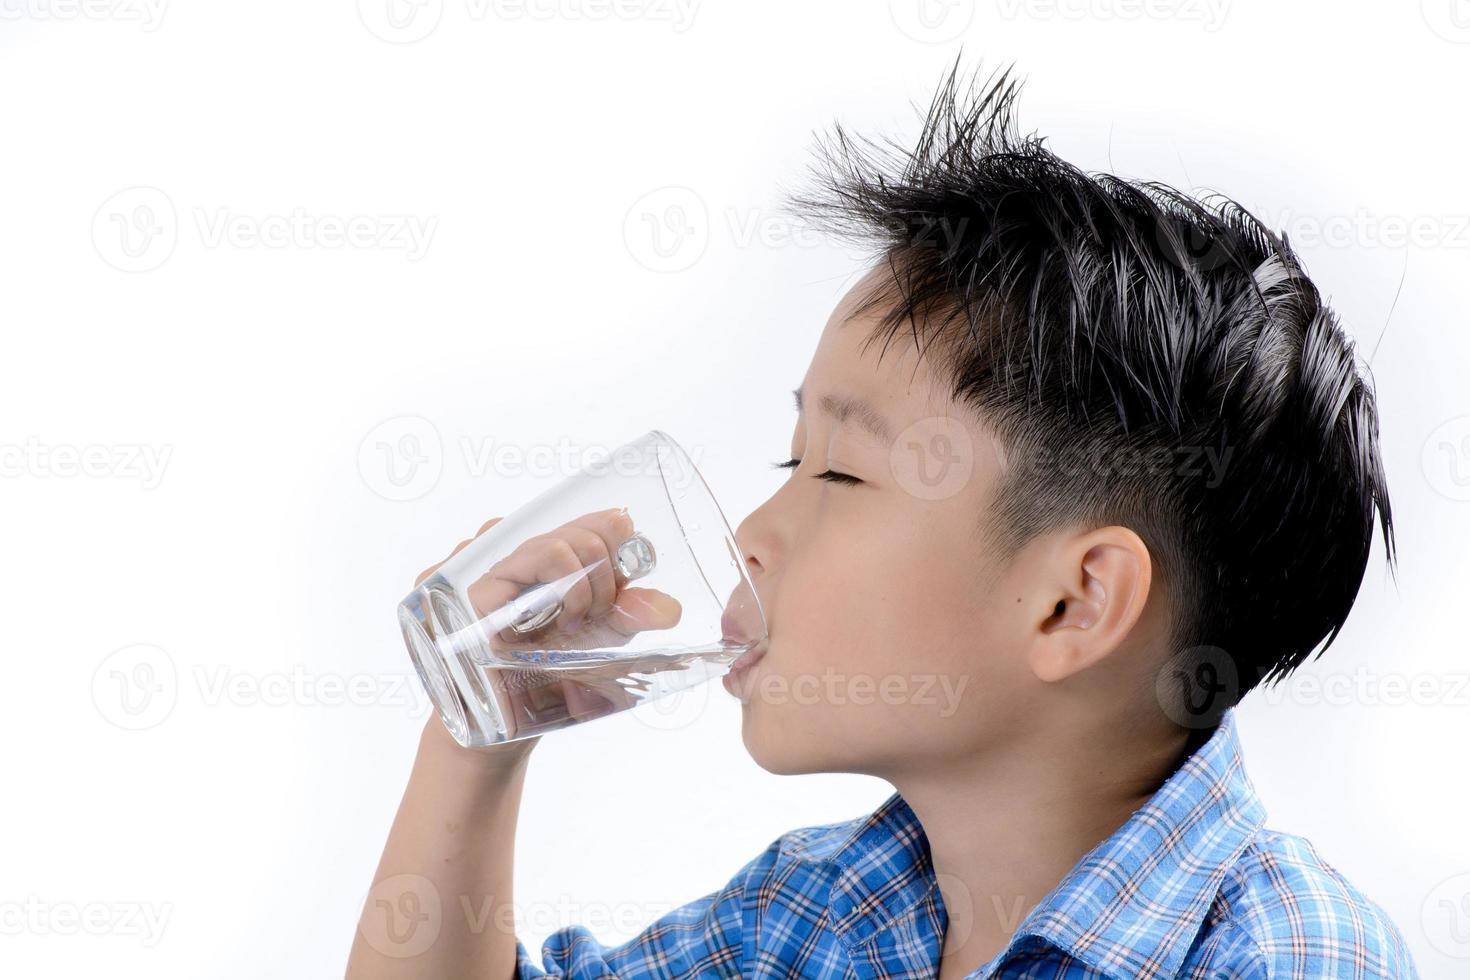 jongen drinkt water met medicijnen foto